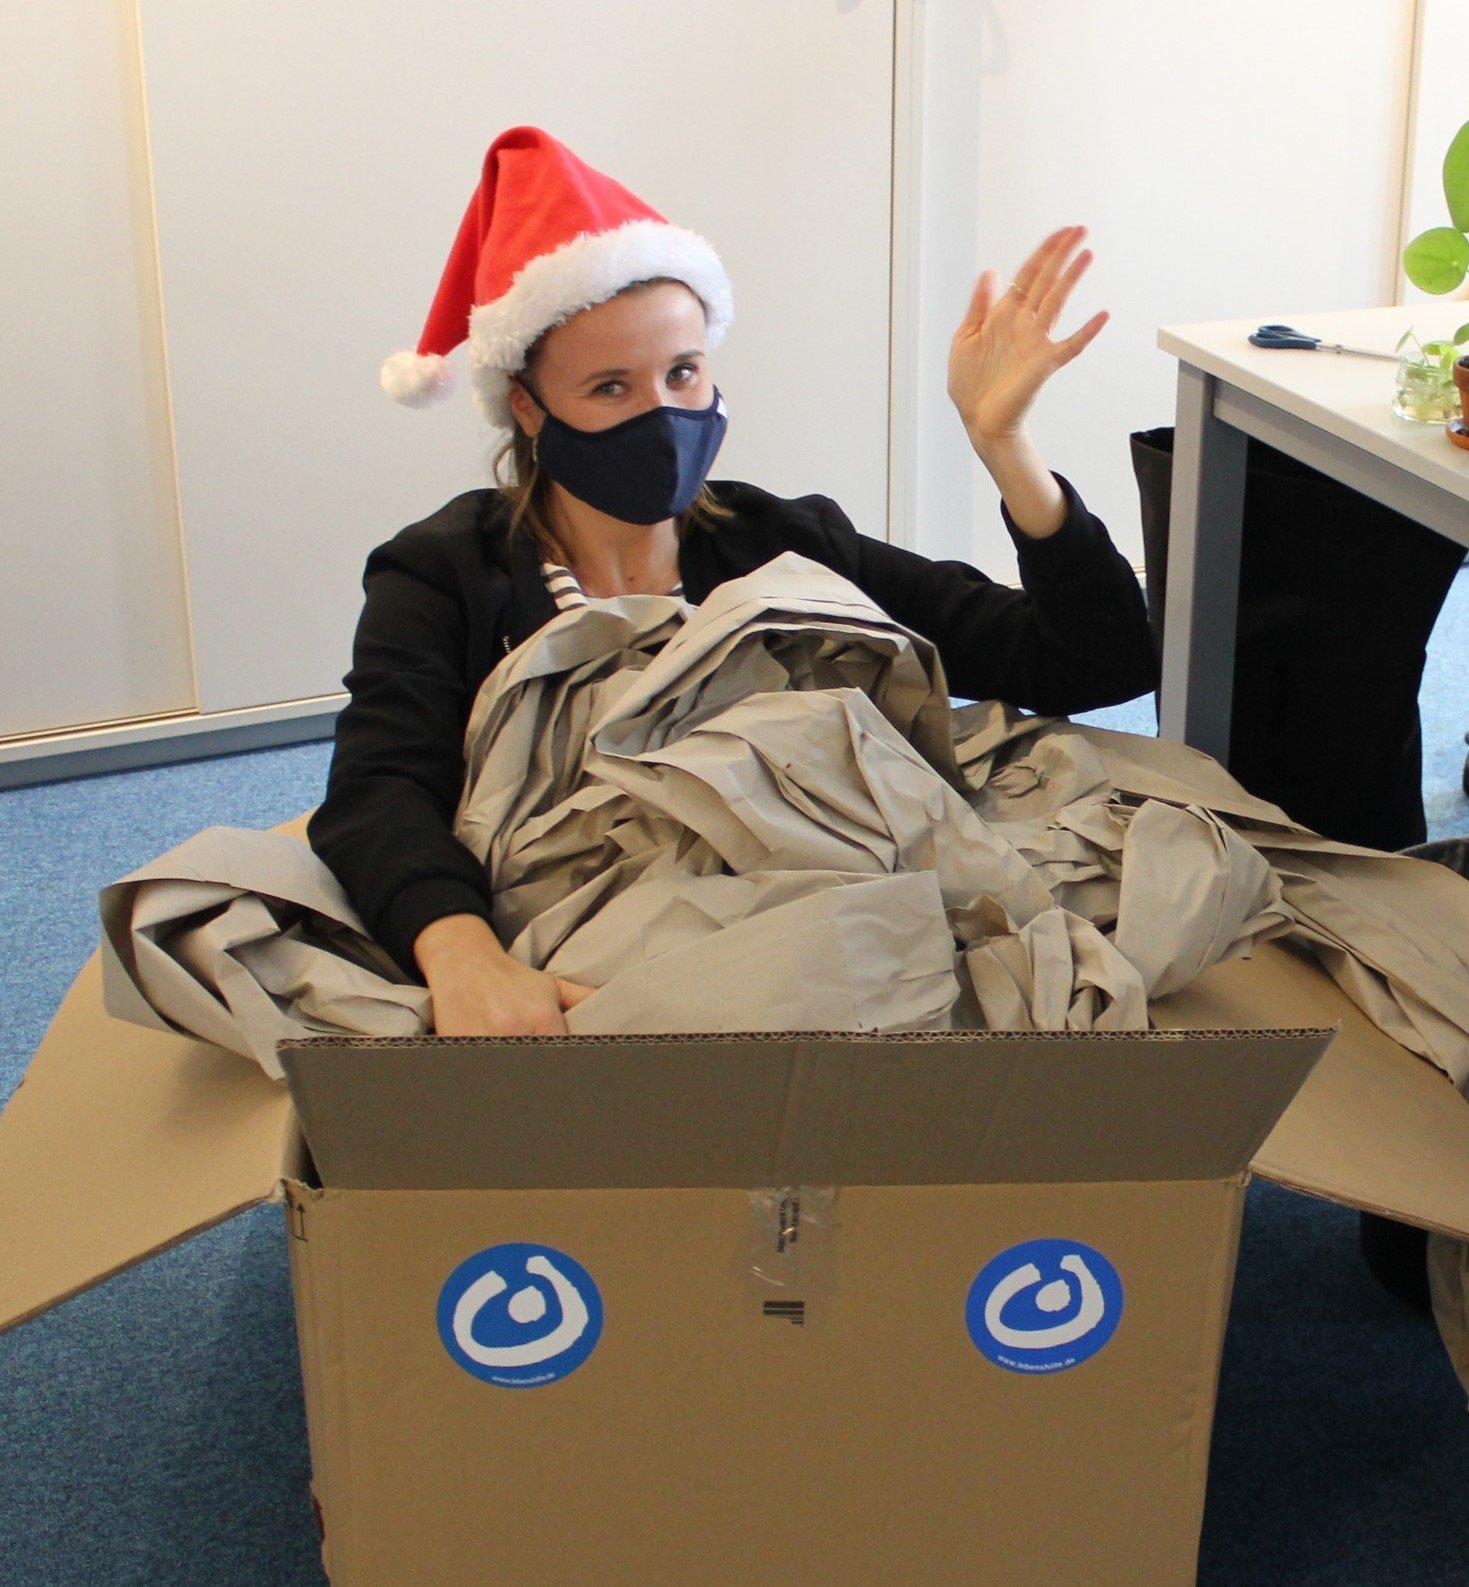 Frau mit Weihnachtsmütze sitzt im Karton, mit Lebenshilfe-Aufklebern